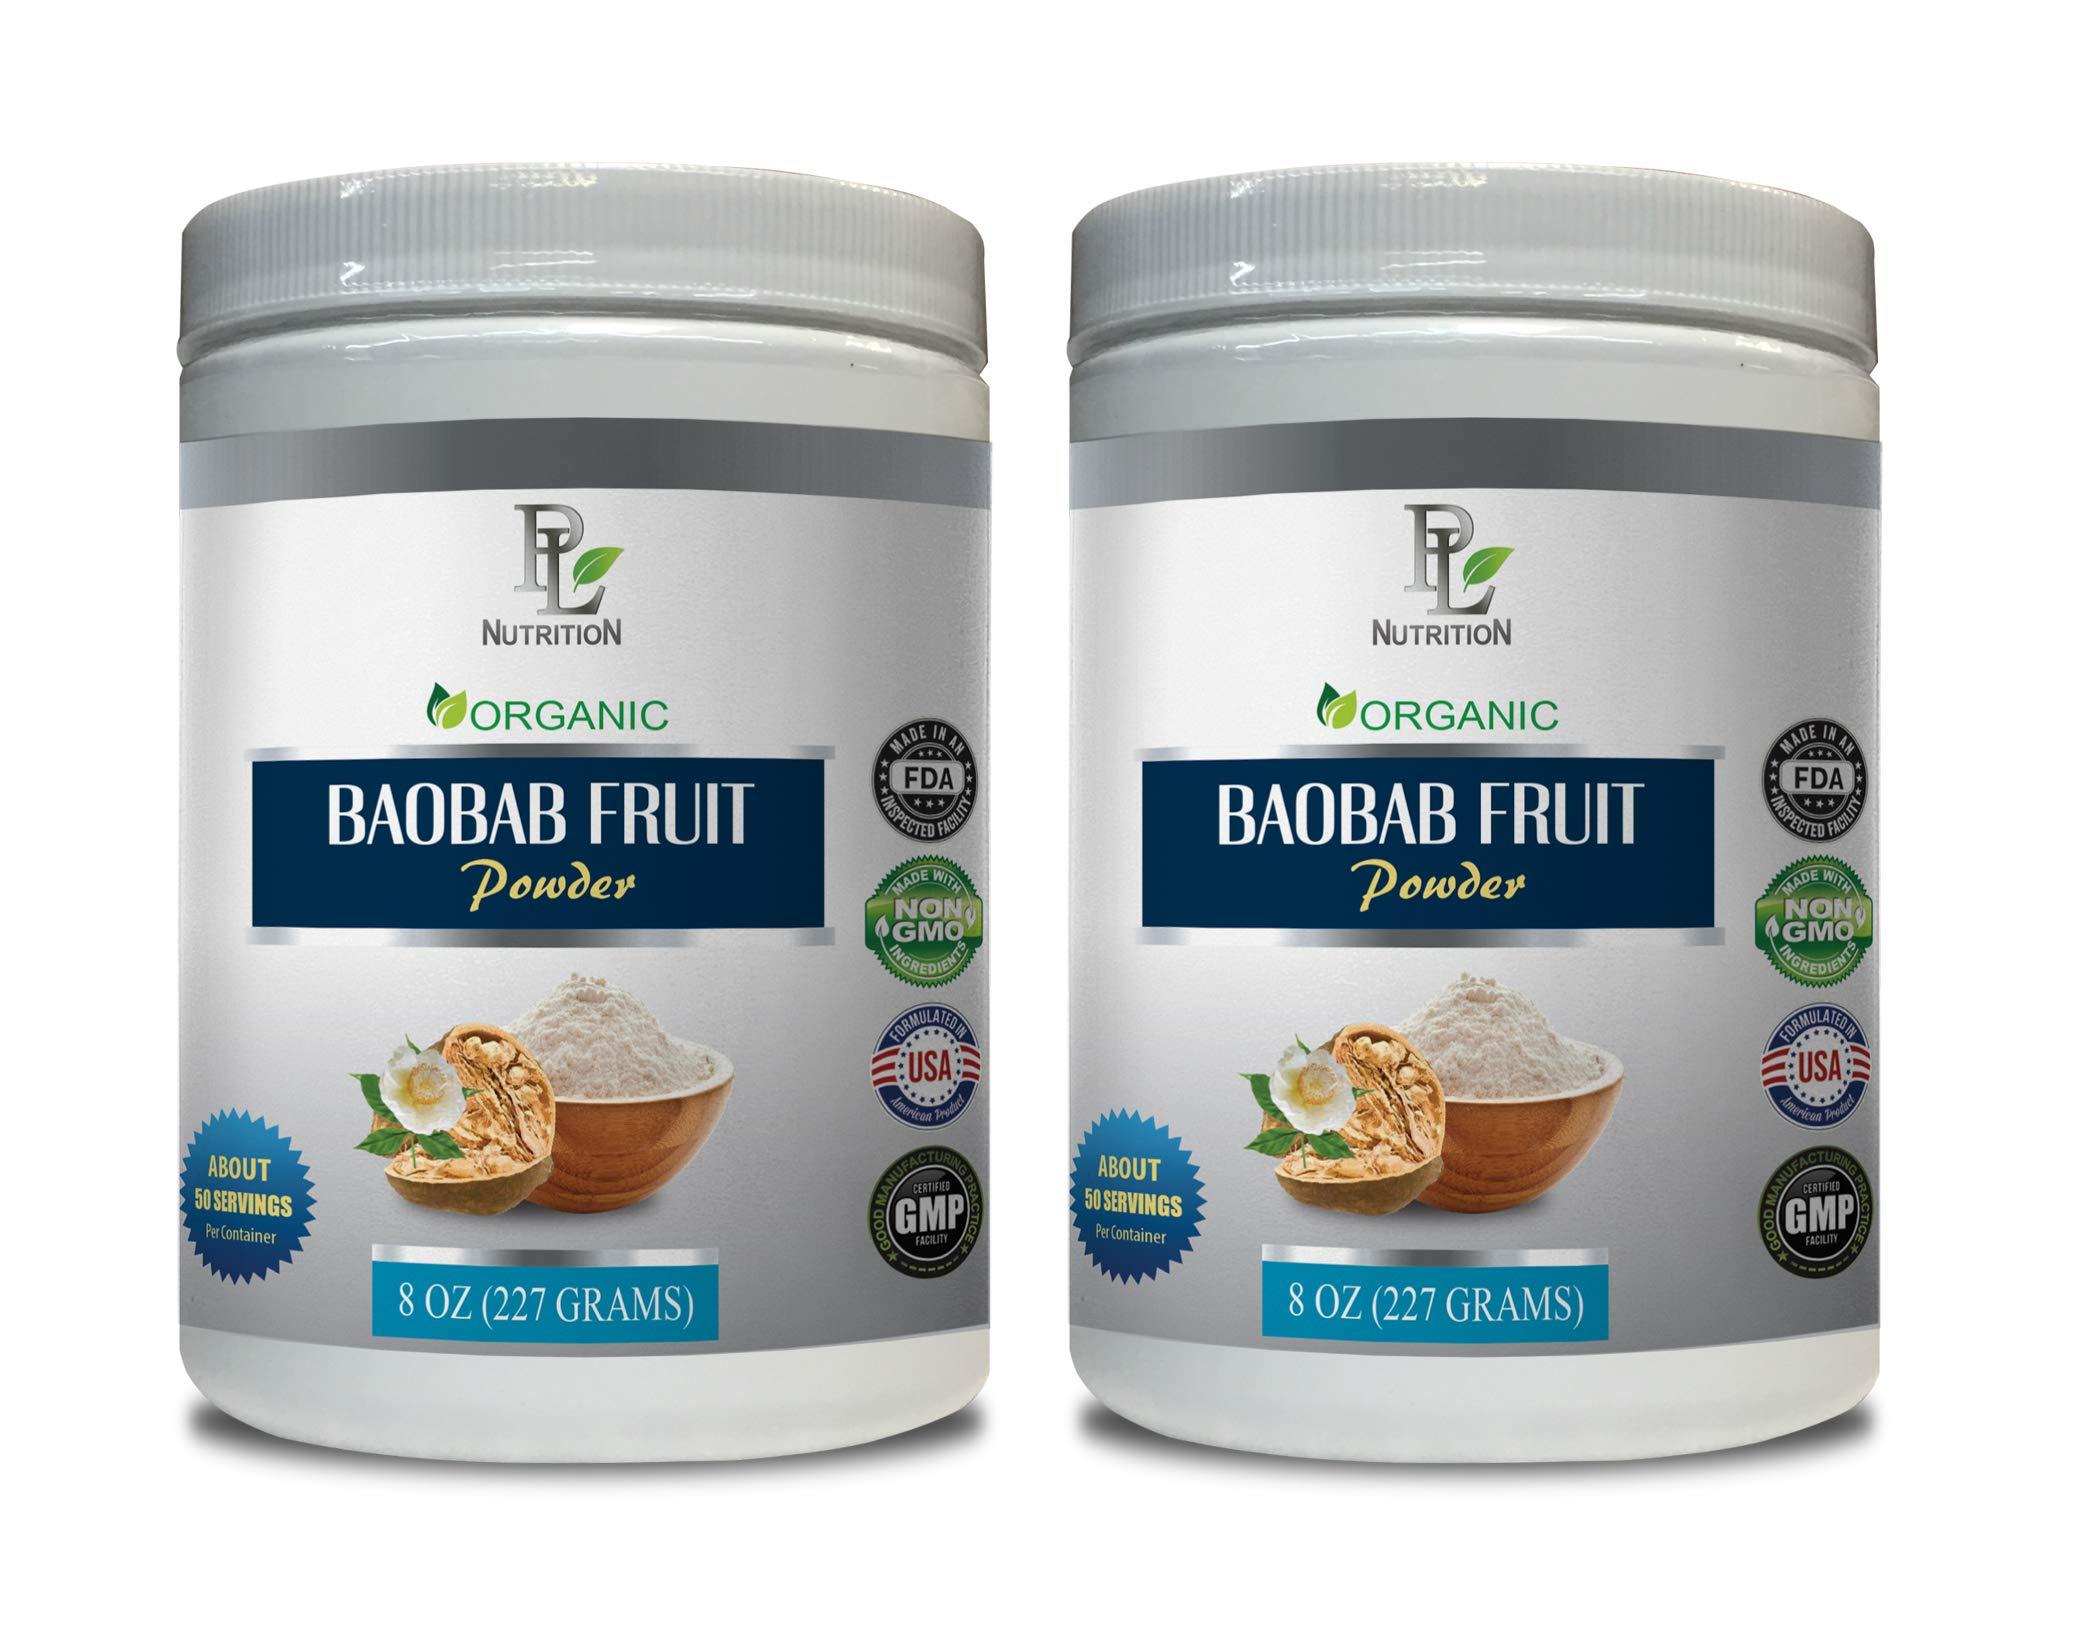 antioxidant Water Booster - Baobab Fruit - Organic Powder - Baobab Fruit Anti Aging - 2 Cans 16 OZ (100 Servings)